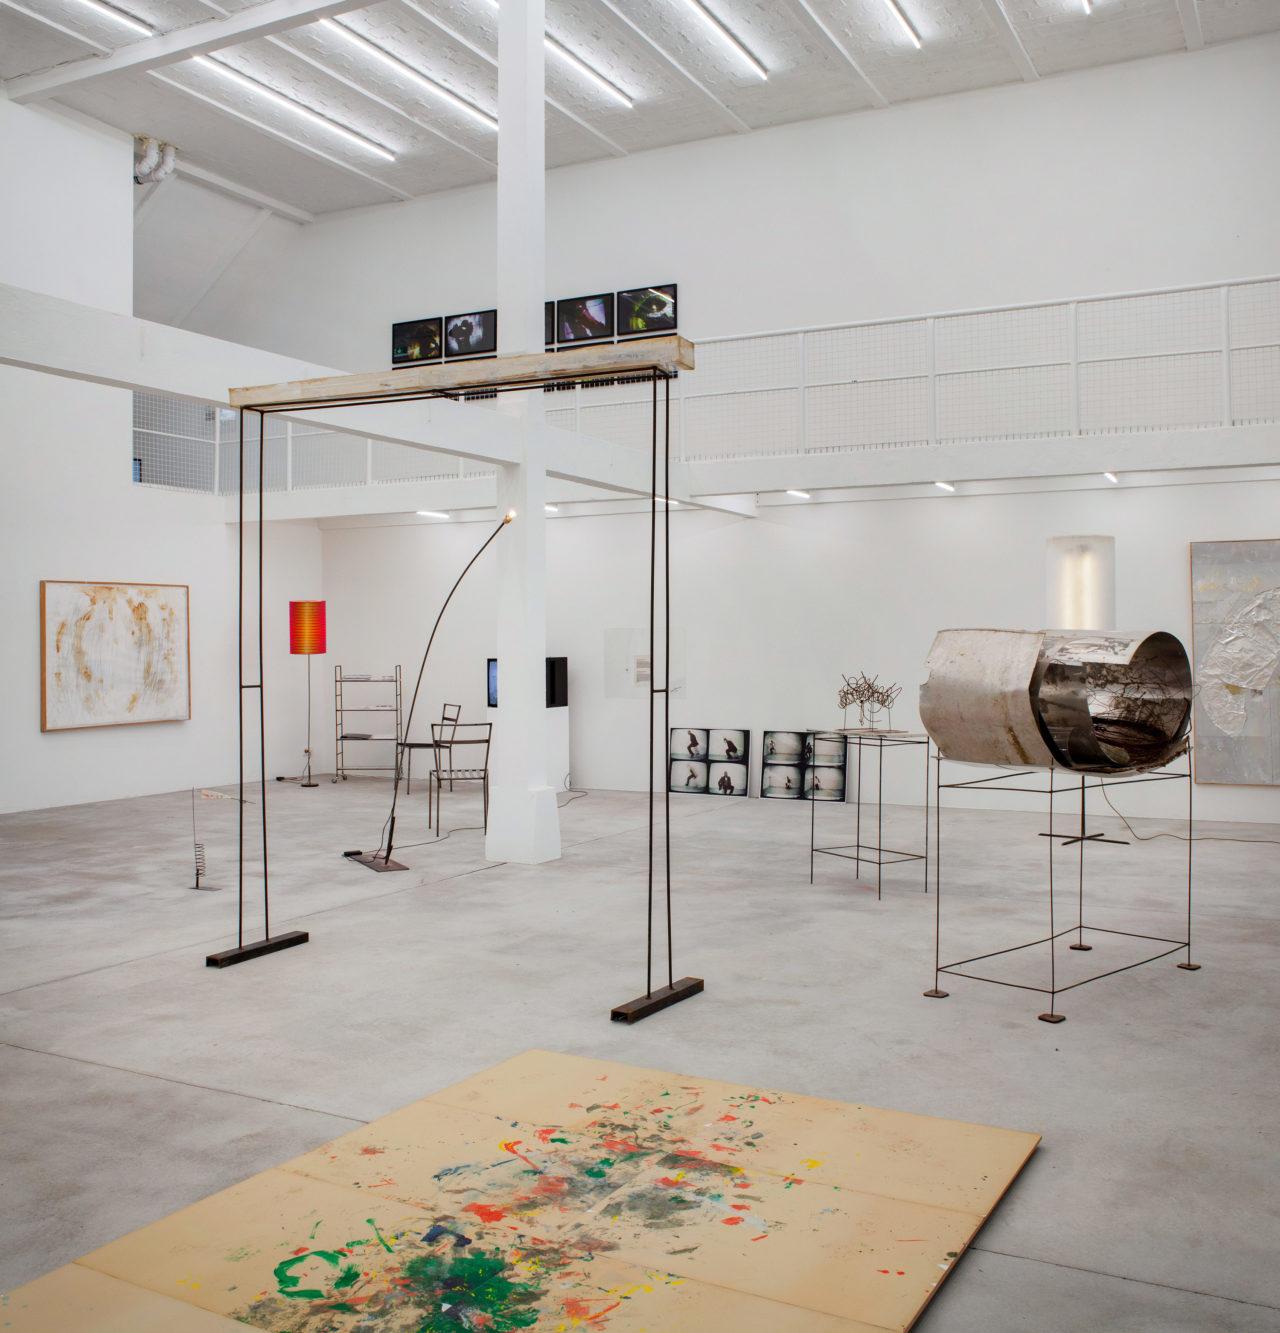 Rudolf Polanszky beleuchtet von F. West, Installation view